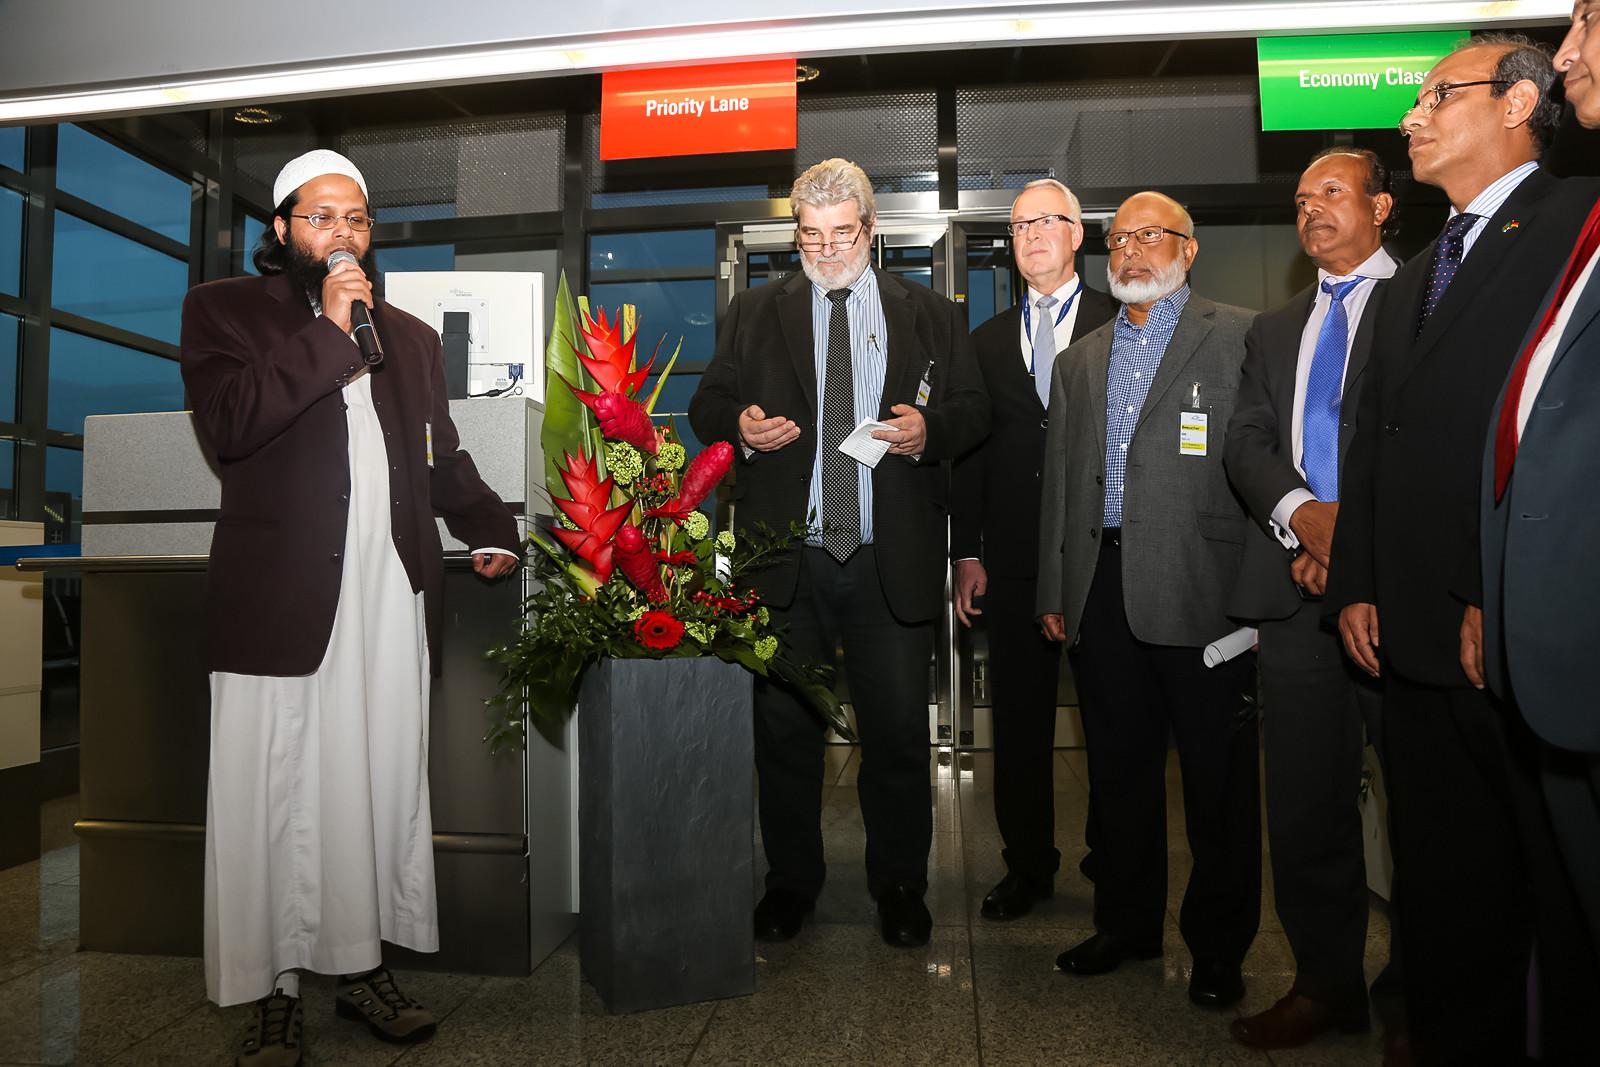 Segnung durch einen Imam. Neben Kevin Steele, stehen Peter Schmitz (Vorstand Operations FRAPORT) und Air Marshal Jamal Uddin Ahmed (Chairman der Biman)